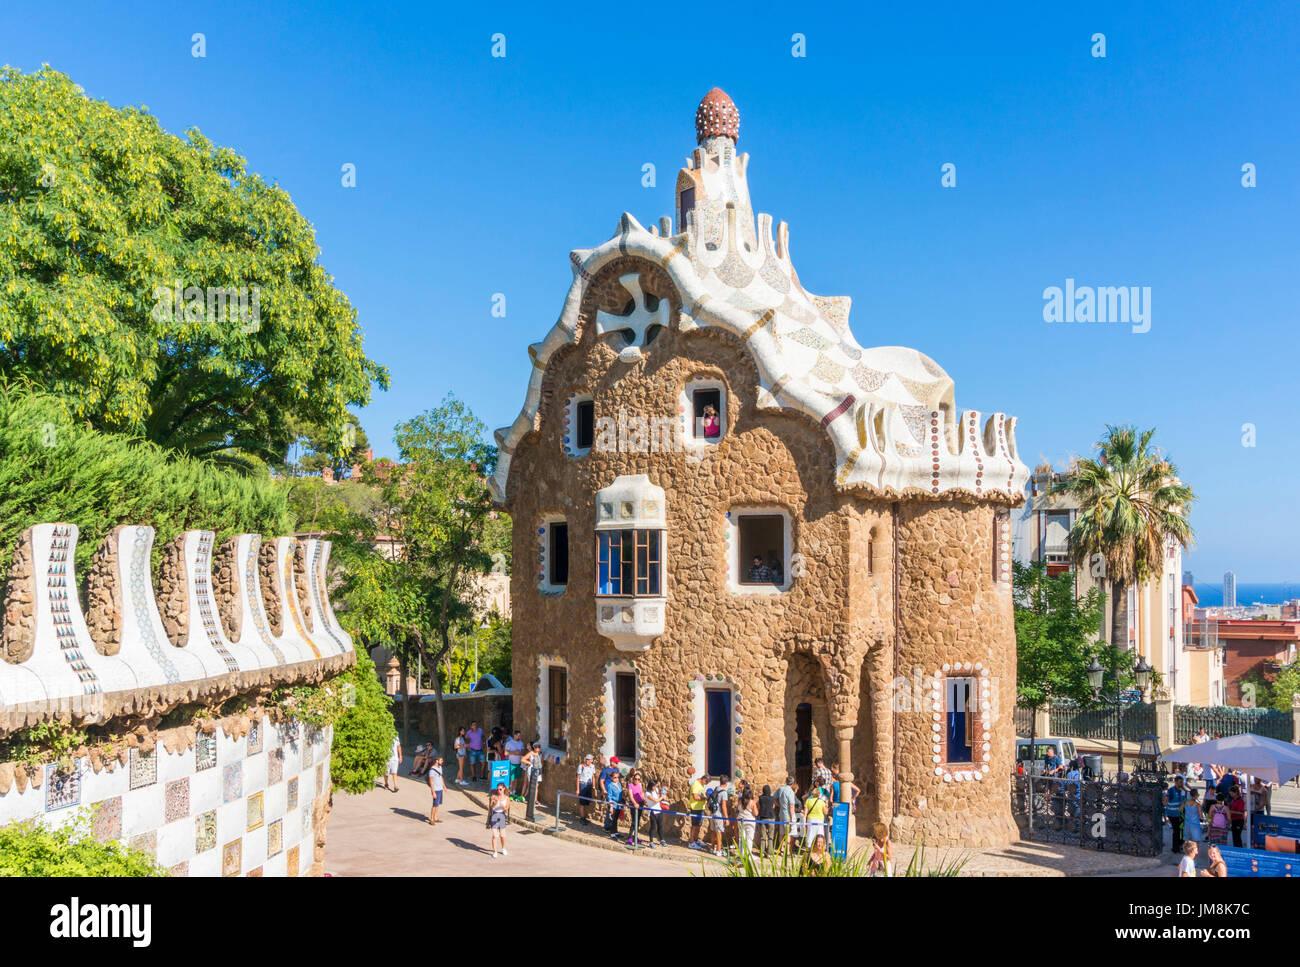 Barcellona Catalunya Park Guell Barcellona Parc Guell Barcellona ingresso facchini lodge casa del guarda i turisti a Barcellona Spagna UE Europa Catalogna Immagini Stock